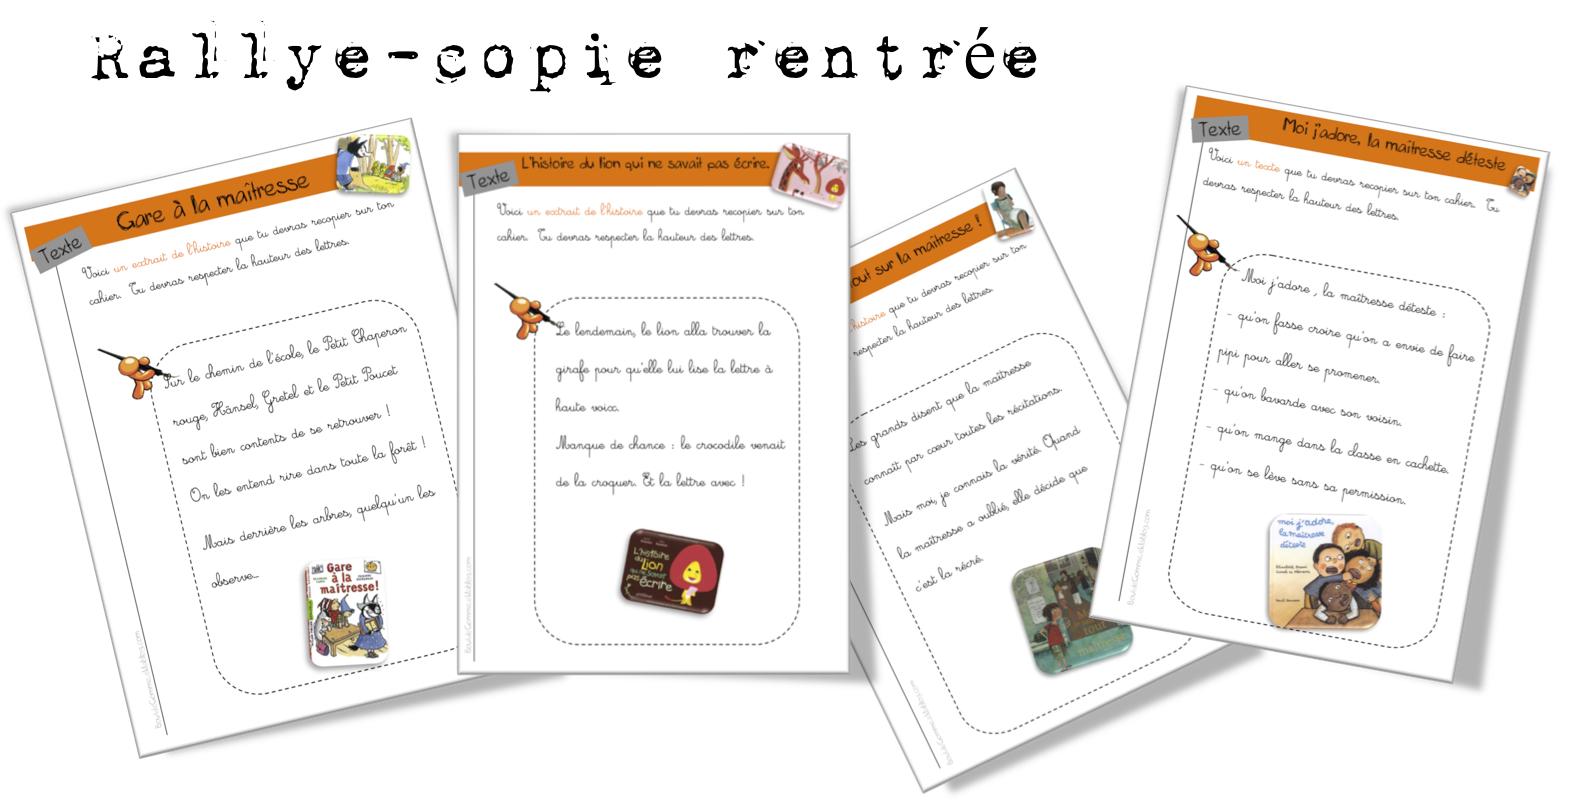 Rallye Copie Rentrée Bout De Gomme